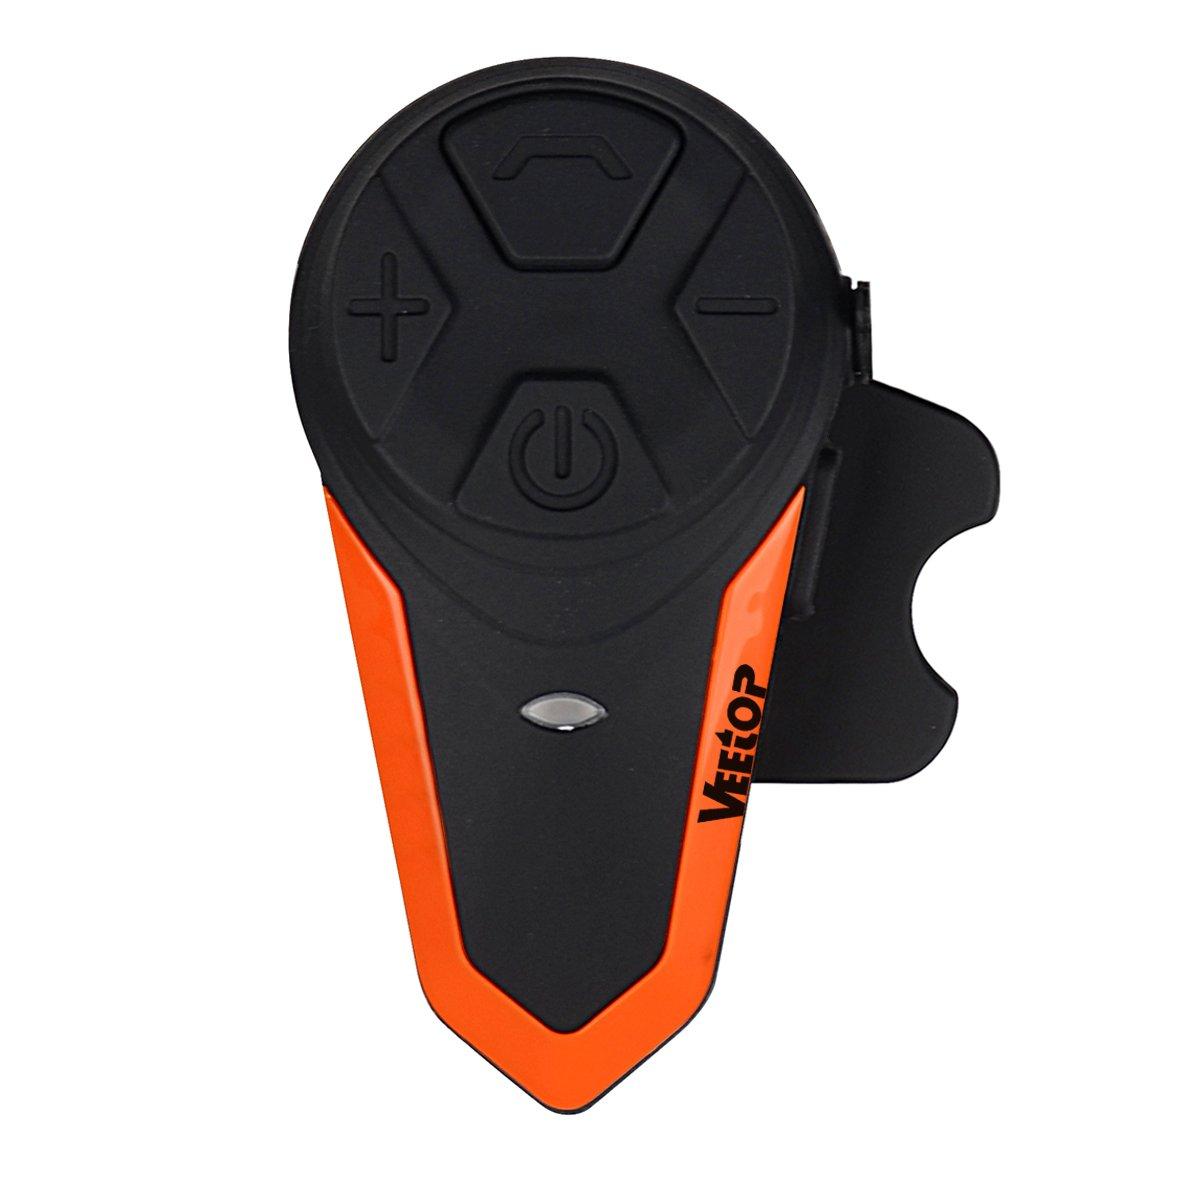 Motorcycle Intercom Bluetooth Helmet Headset, Veetop 1000M Waterproof Motorbike Interphone Helmet Communication System Kits with Walkie Talkie MP3/GPS & FM Radio for Riding&Skiing, 2-3 Riders(1 Pack)